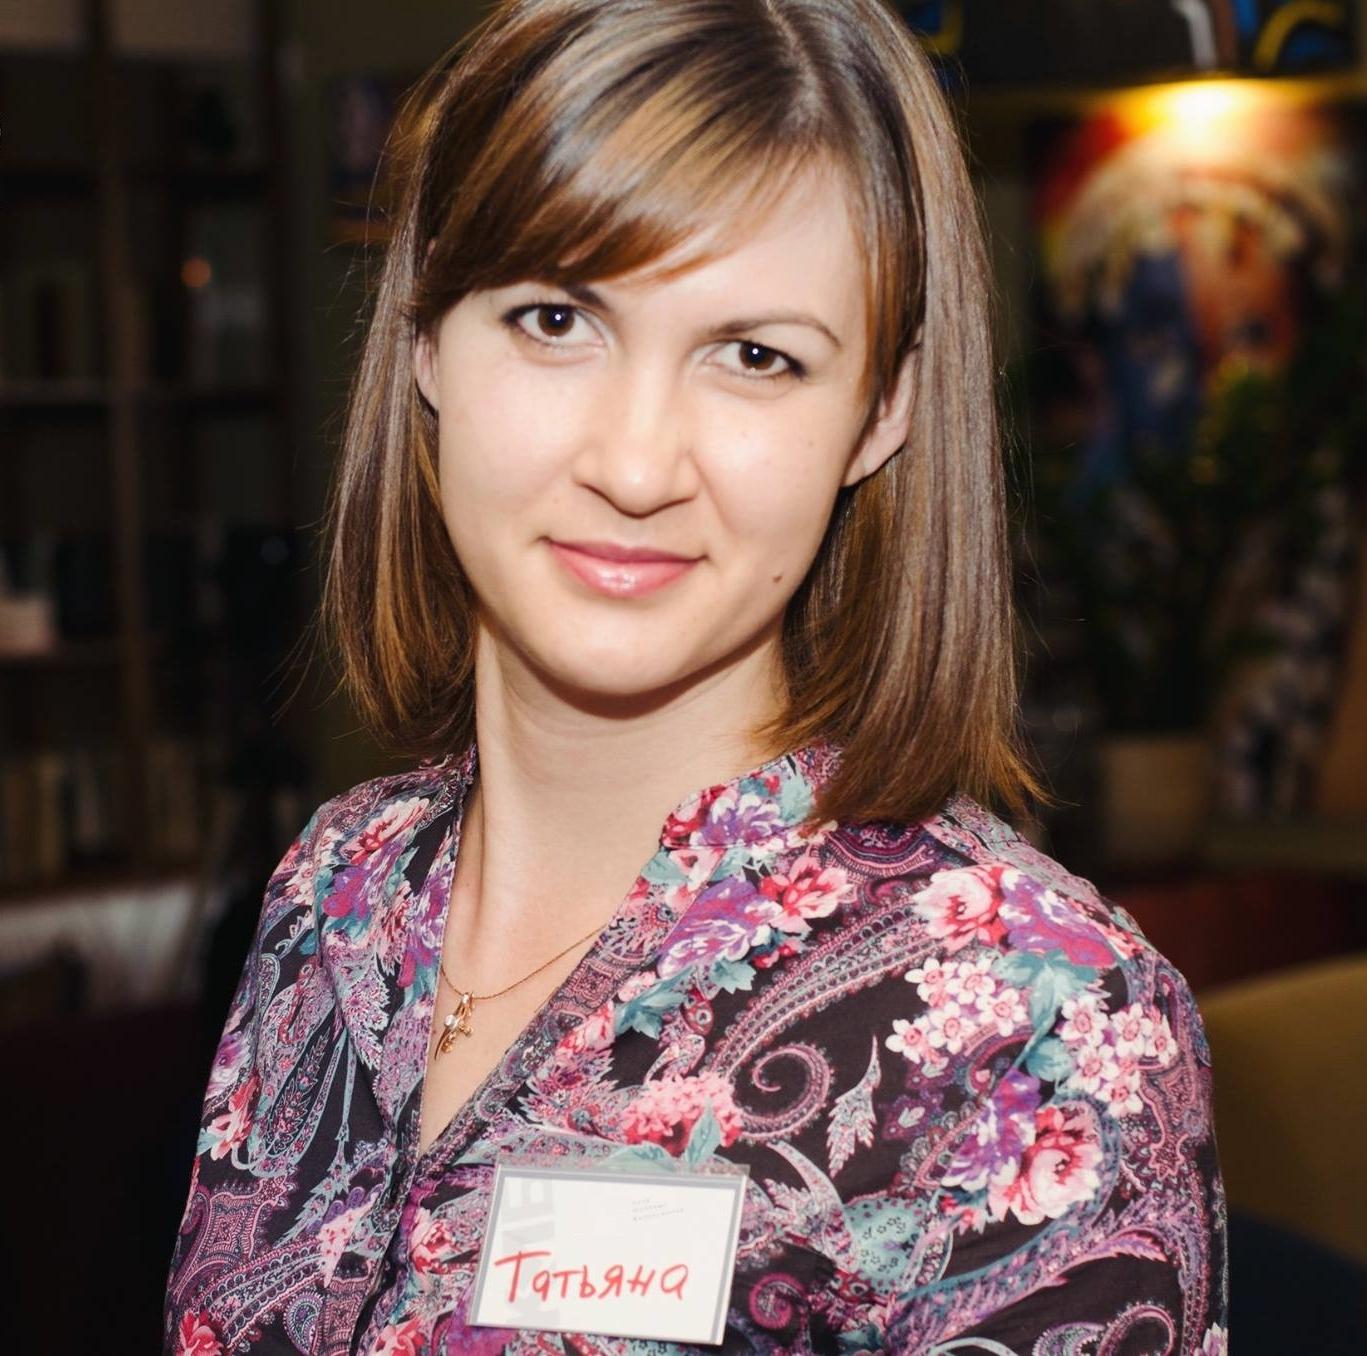 Tatiana Novacova